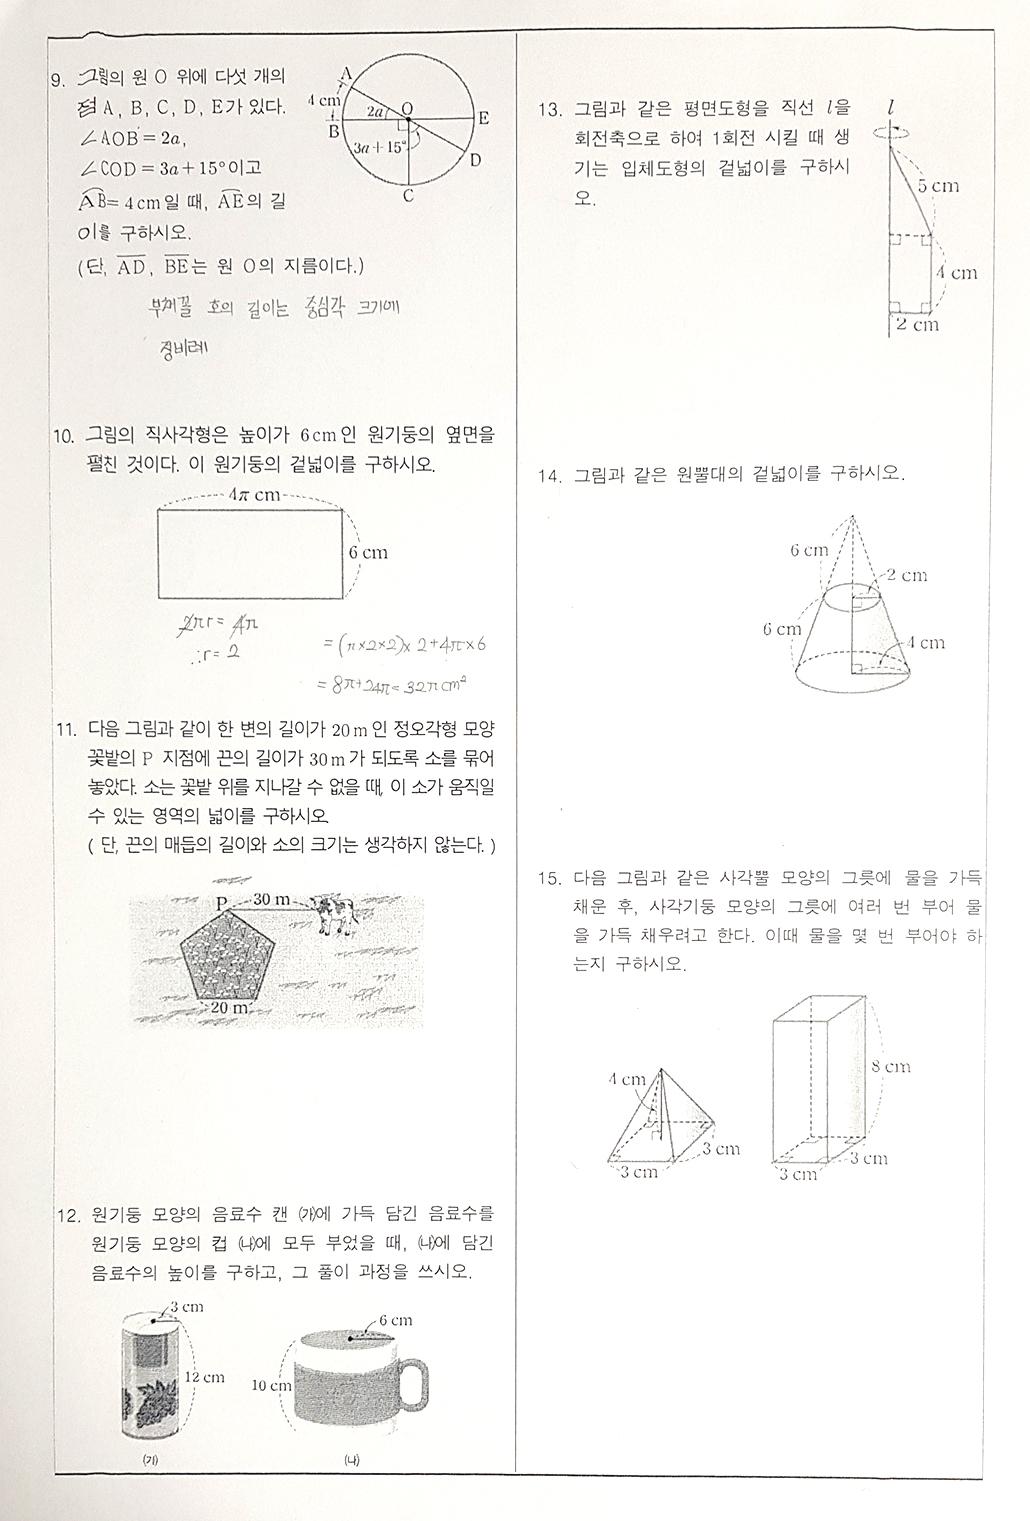 중 1-2 수학 수행평가 예상문제 시험지1.jpg